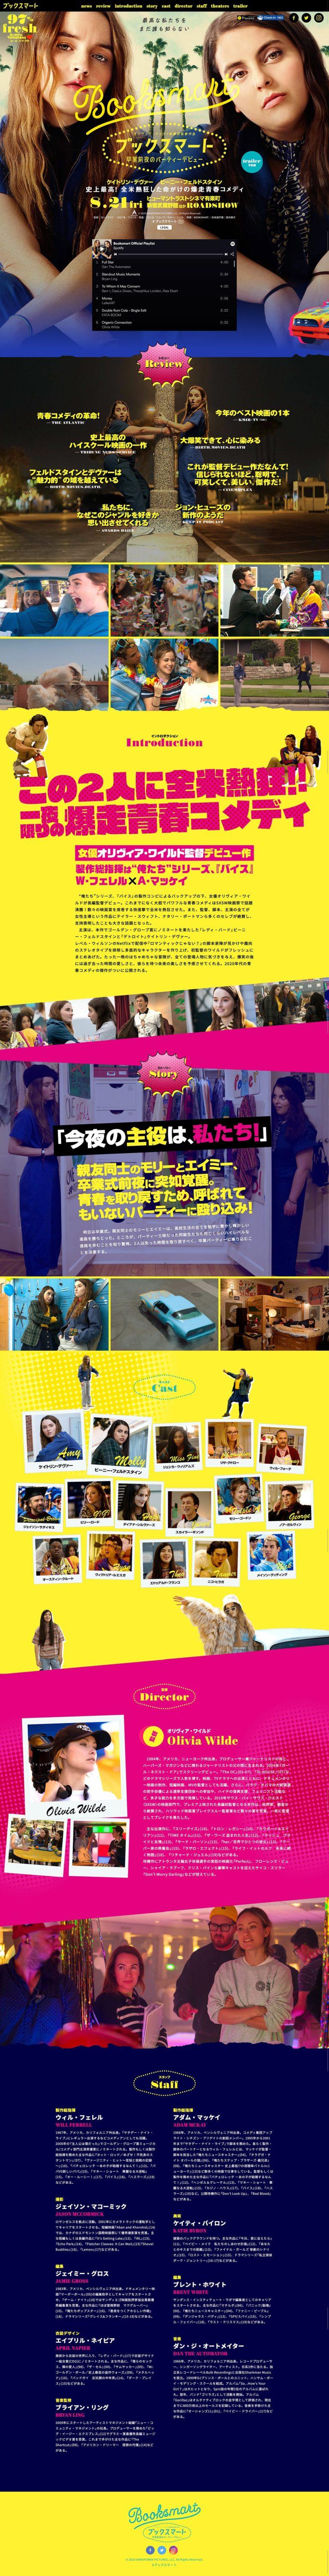 映画『ブックスマート 卒業前夜のパーティーデビュー』公式サイト